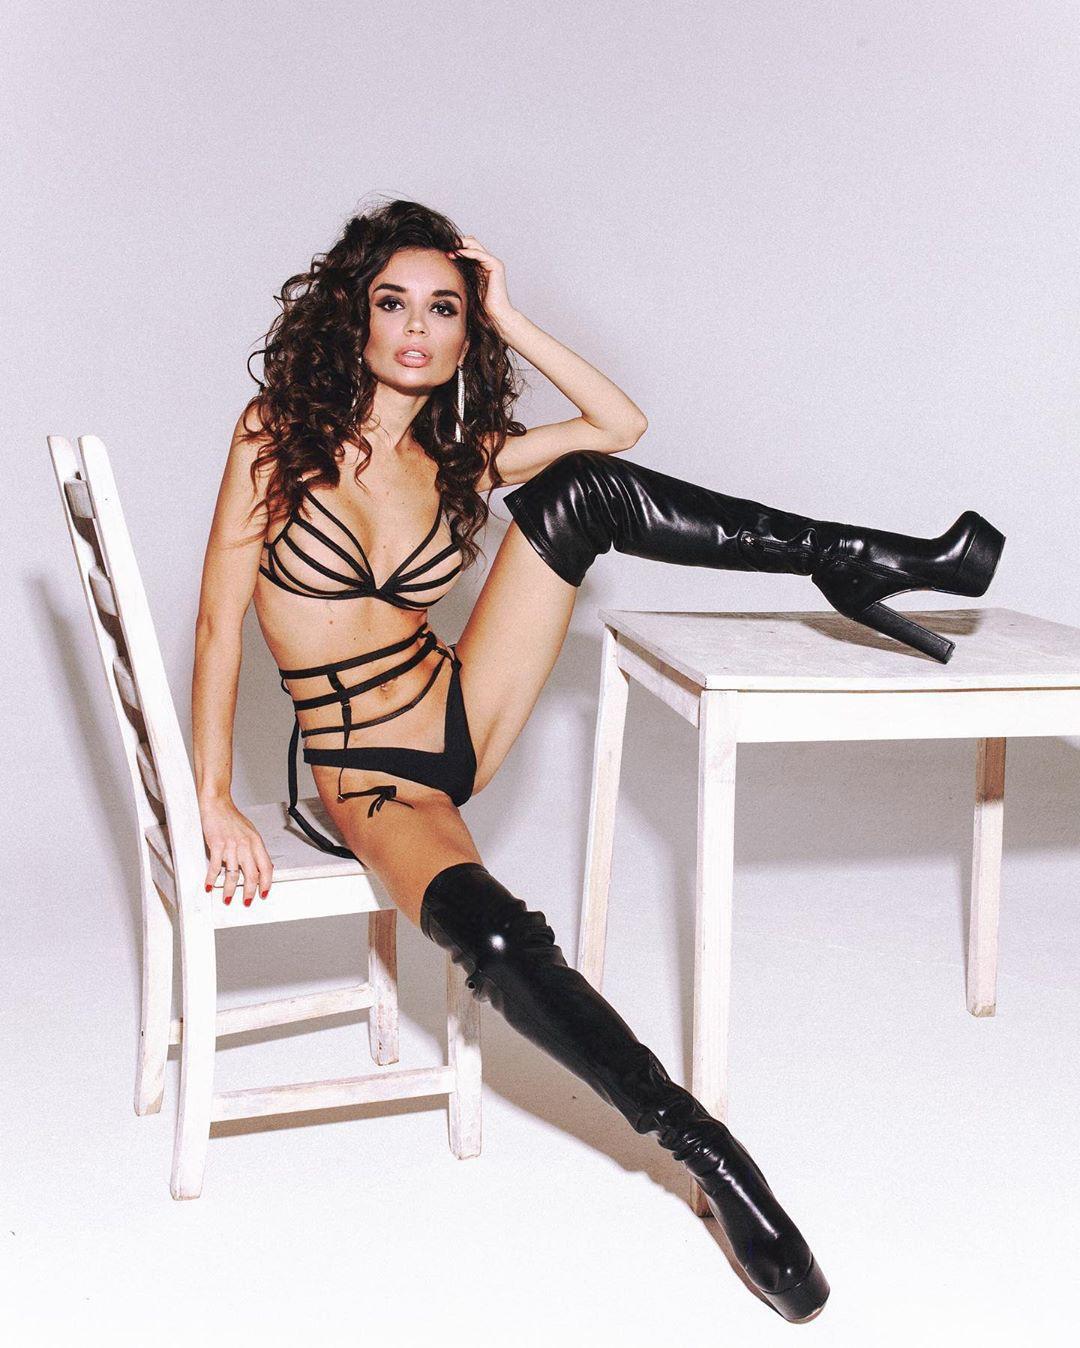 Ekaterina Zueva lingerie fetish model outfits for women, female thighs